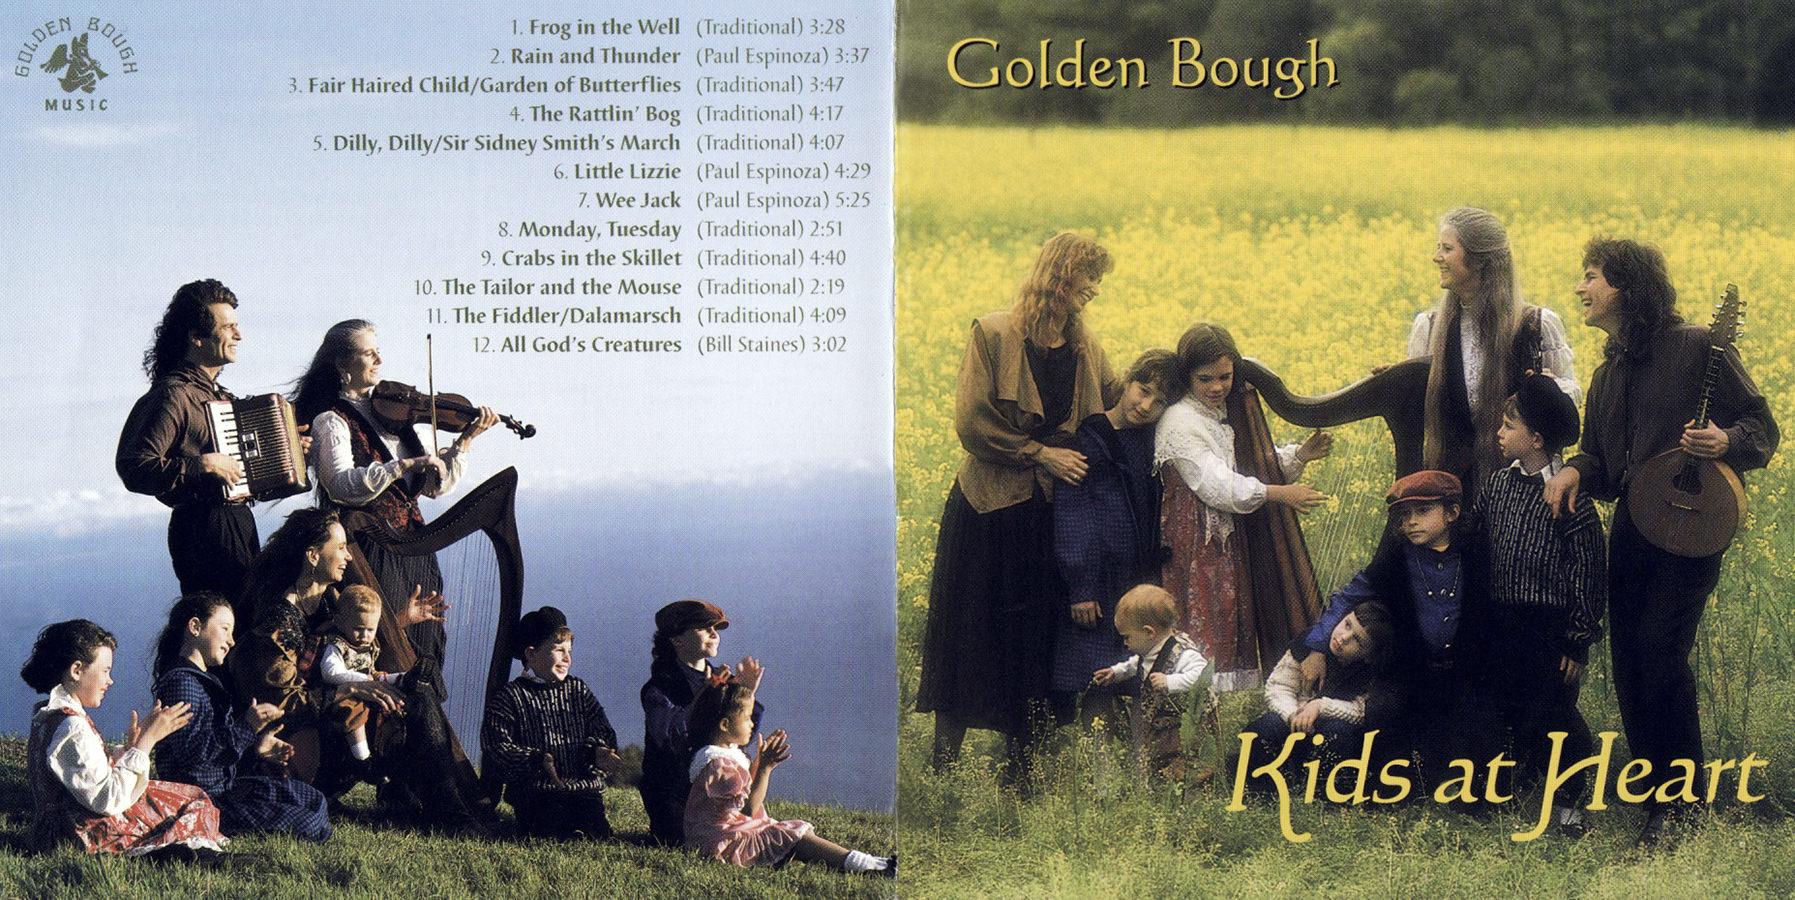 Golden Bough, Kids at Heart